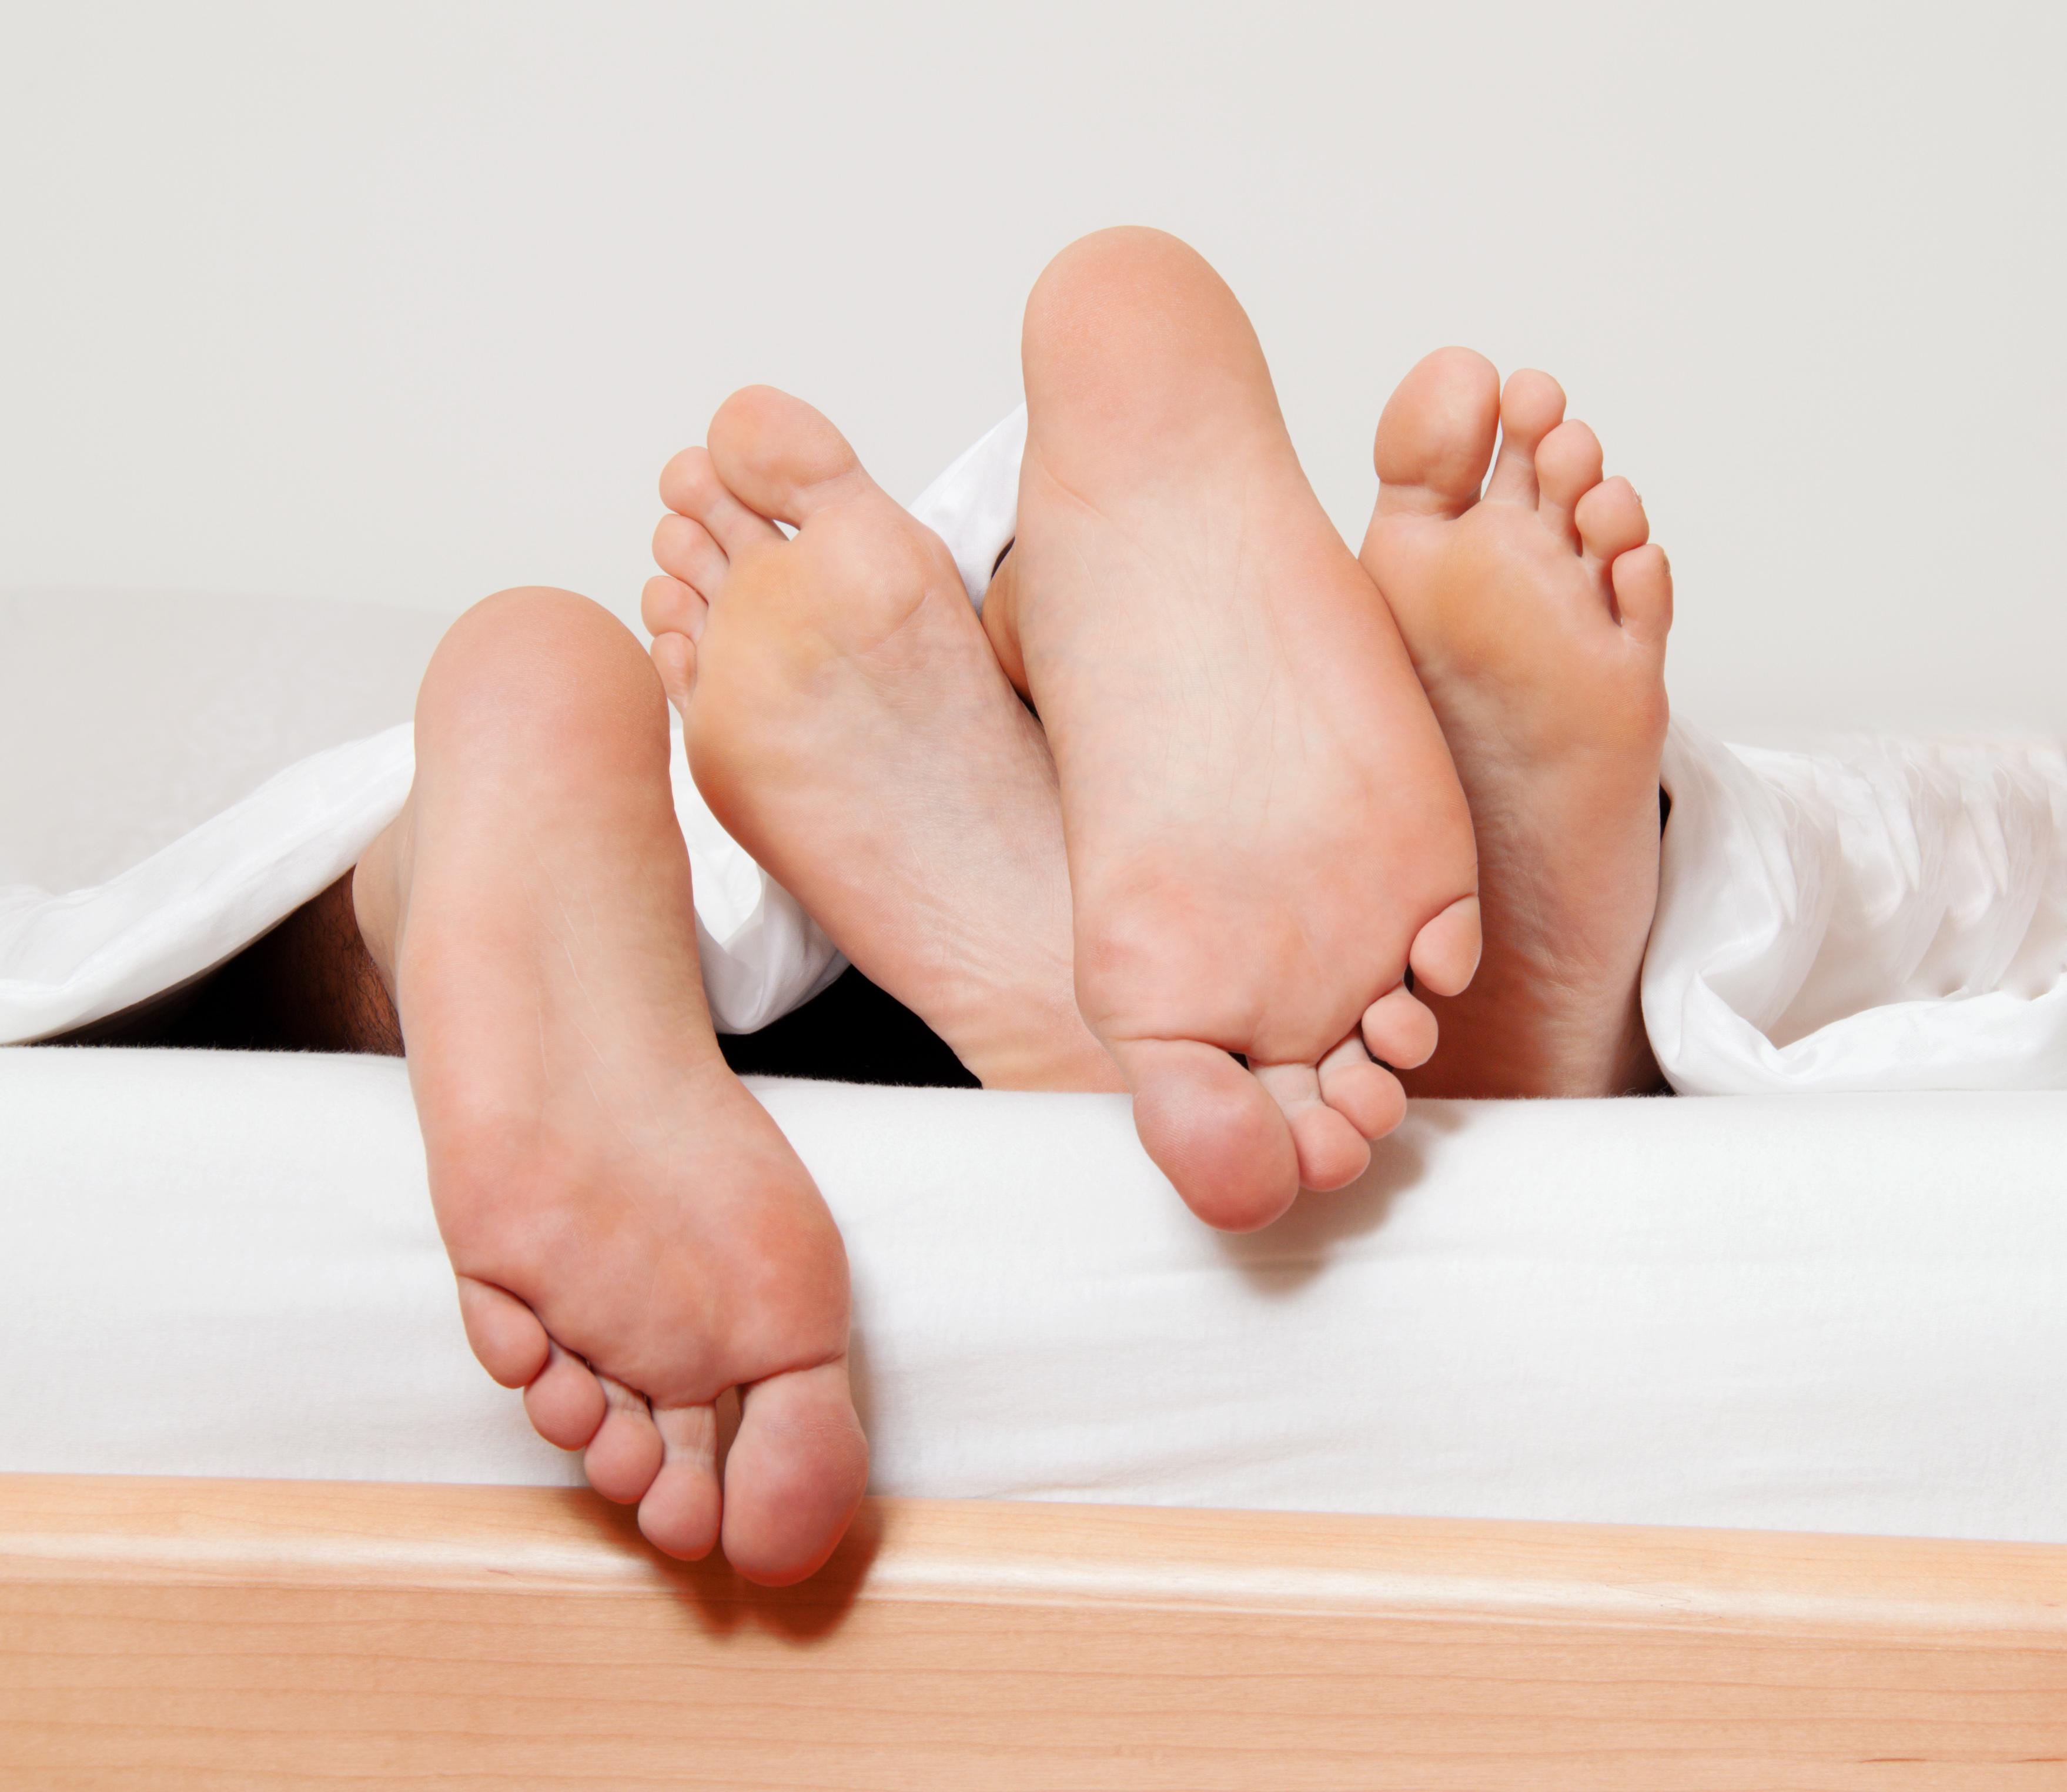 menn seksuelle problemer etter skilsmisse